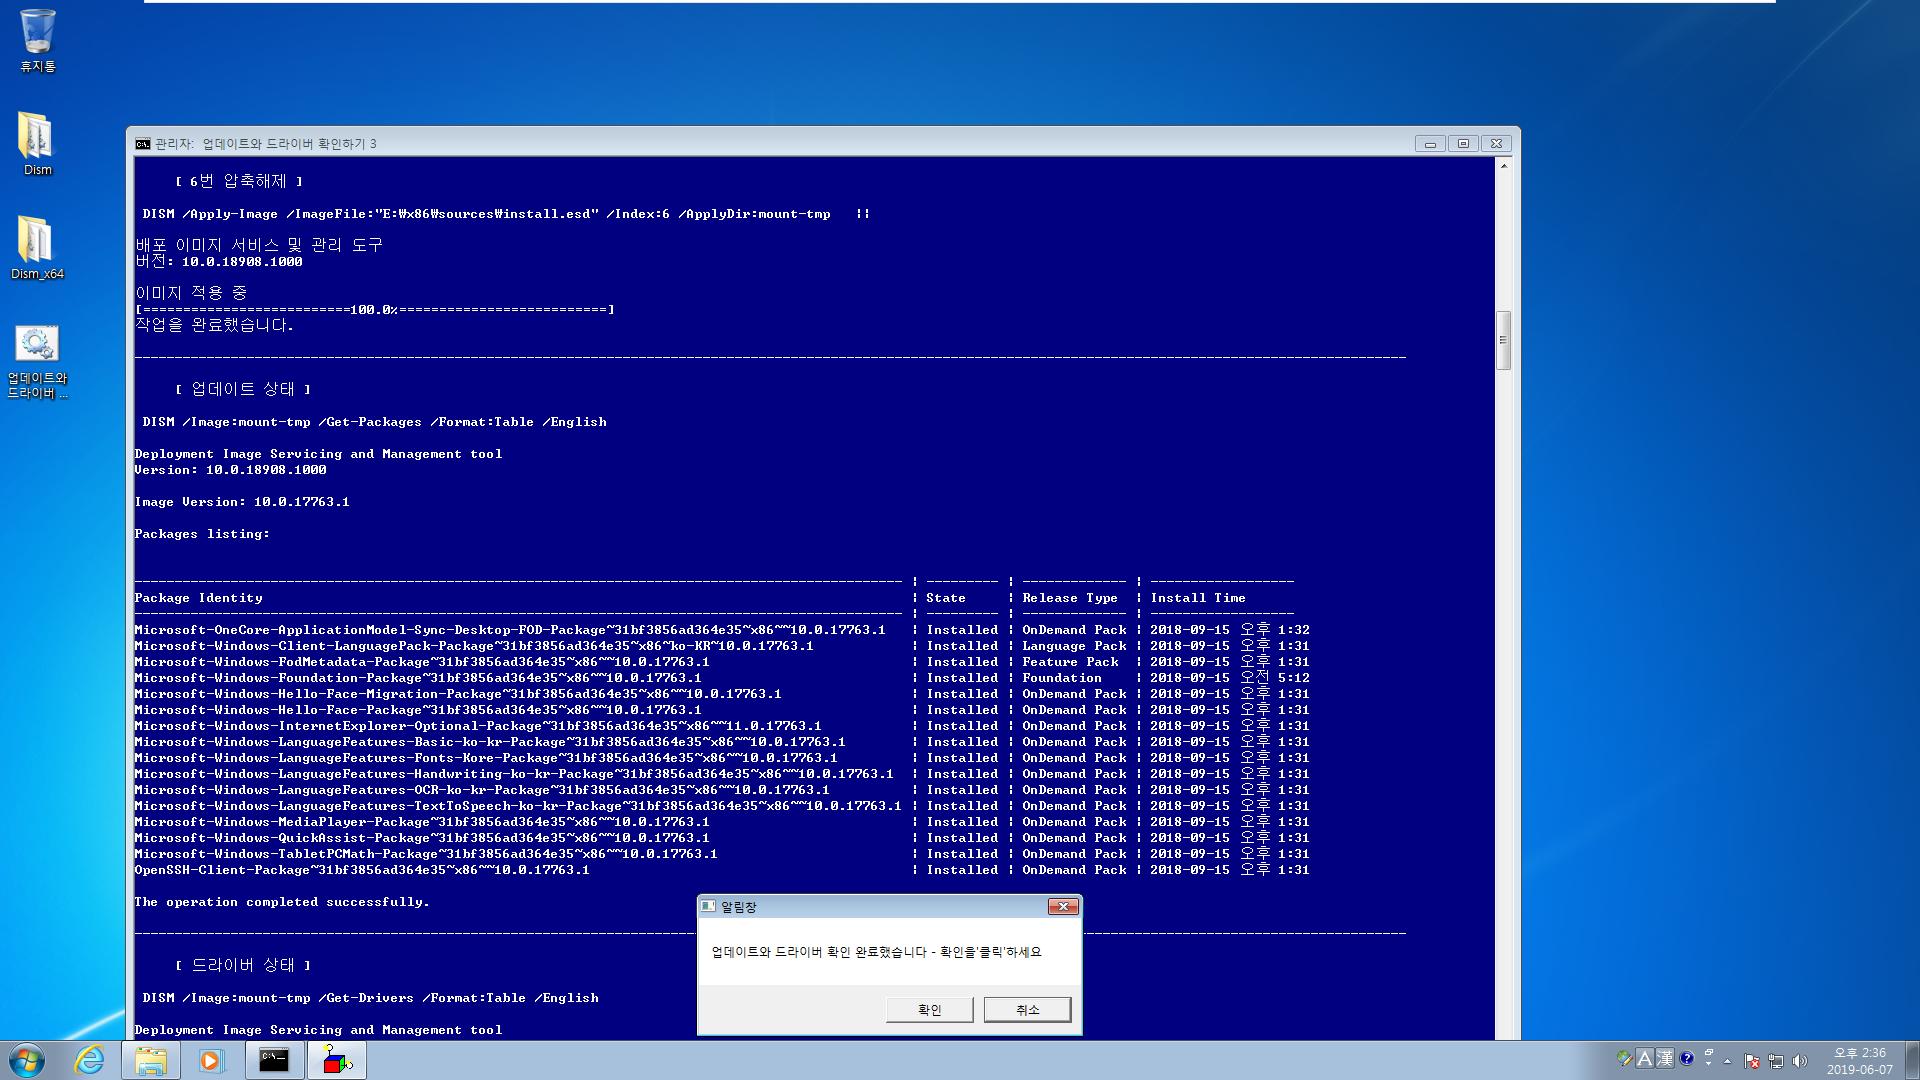 업데이트와 드라이버 확인하기3.bat 테스트 -  Windows 7 에서 겸용 뼈대로 된 iso 탑재하여 install.esd 파일 확인 가능합니다 2019-06-07_143625.png